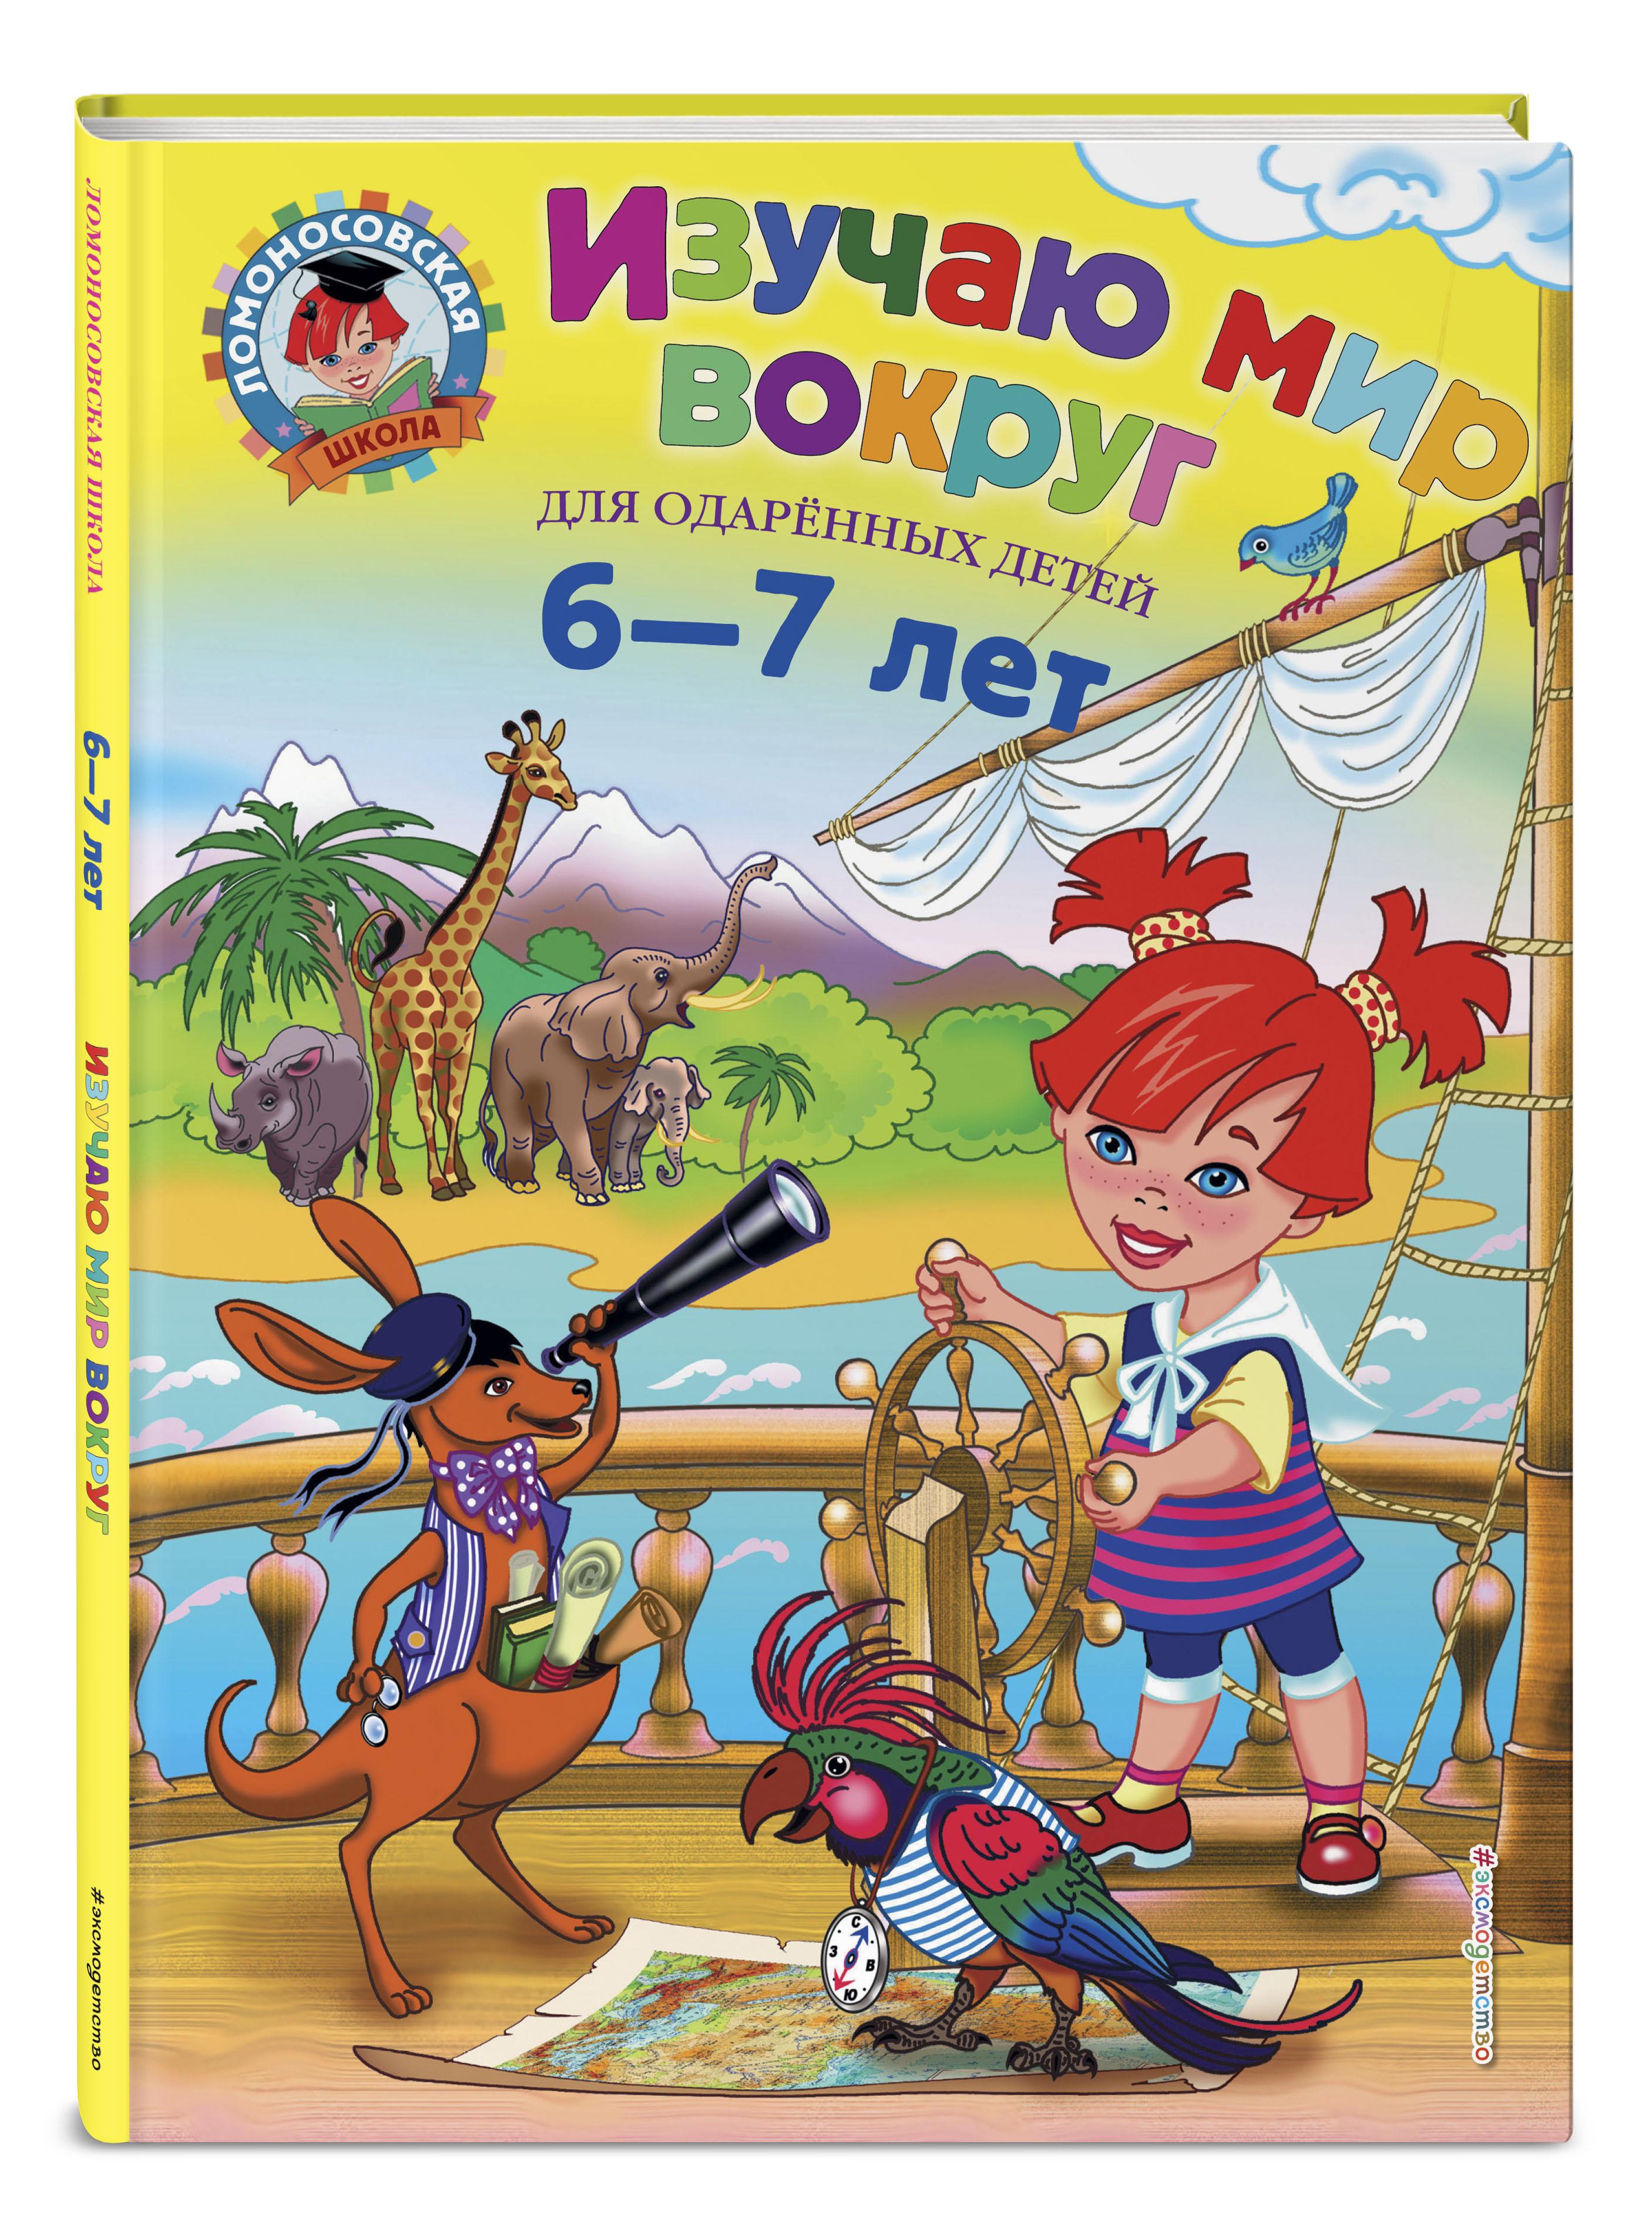 Липская Н.М. Изучаю мир вокруг: для детей 6-7 лет книги эксмо изучаю мир вокруг для детей 6 7 лет page 6